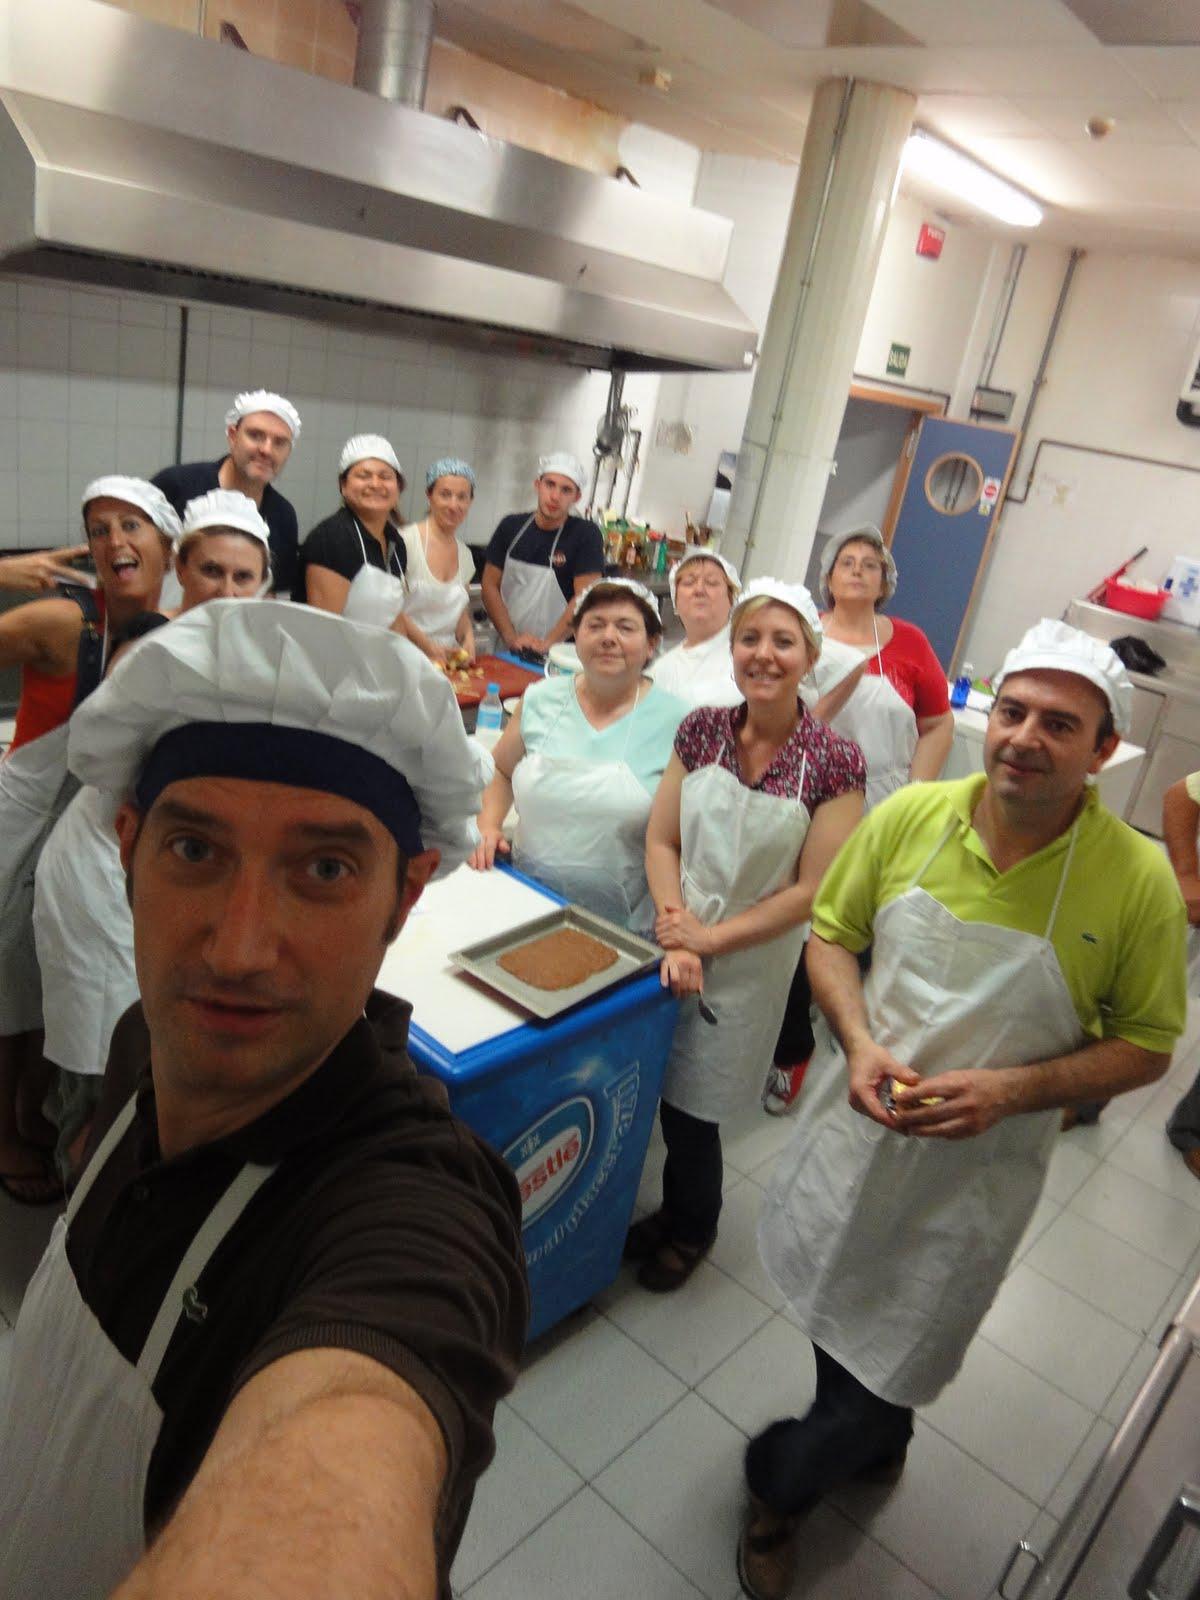 Clases de cocina zaragoza fin del curso de cocina creativa en el centro arsenio jimeno zaragoza - Cursos de cocina zaragoza ...